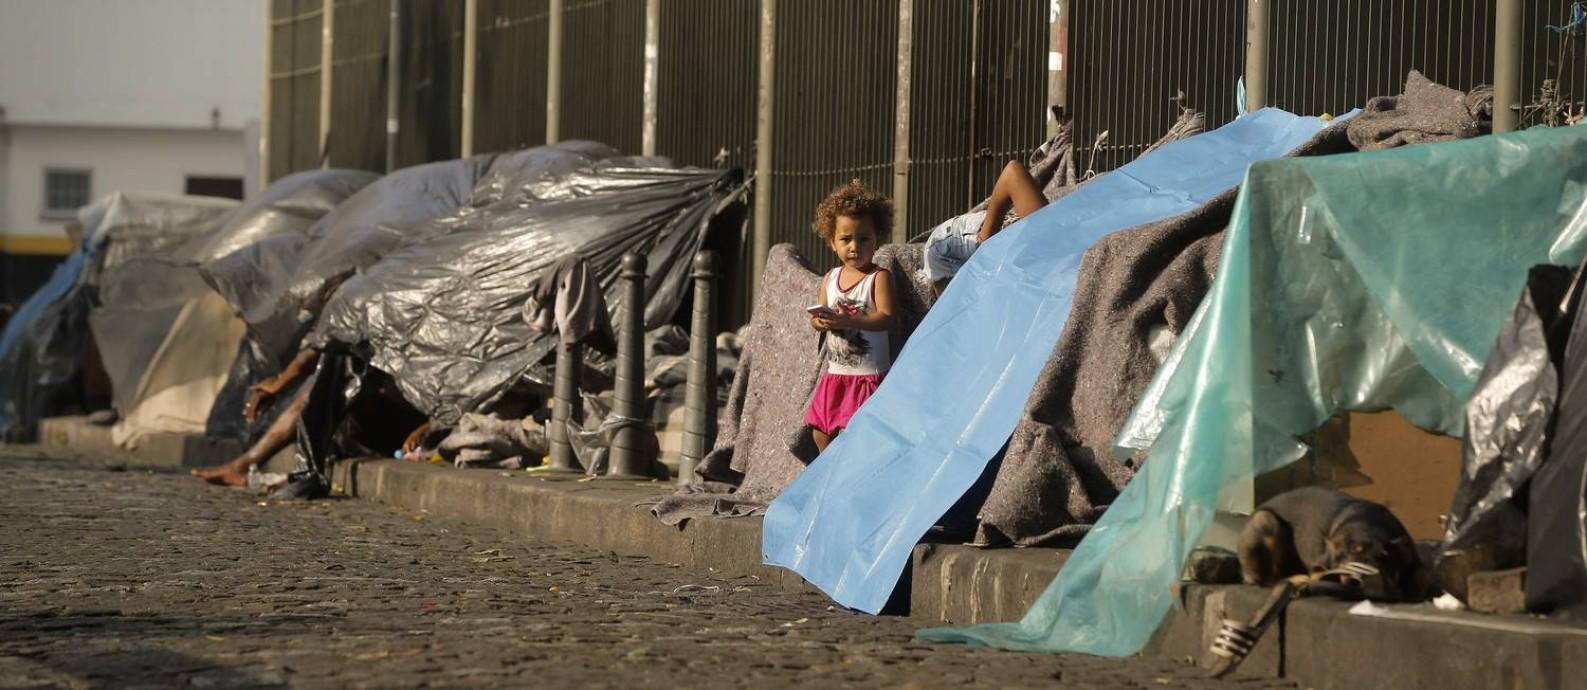 Acampamento de moradores de rua no Largo de São Francisco, no Centro do Rio Foto: Pablo Jacob / Agência O Globo